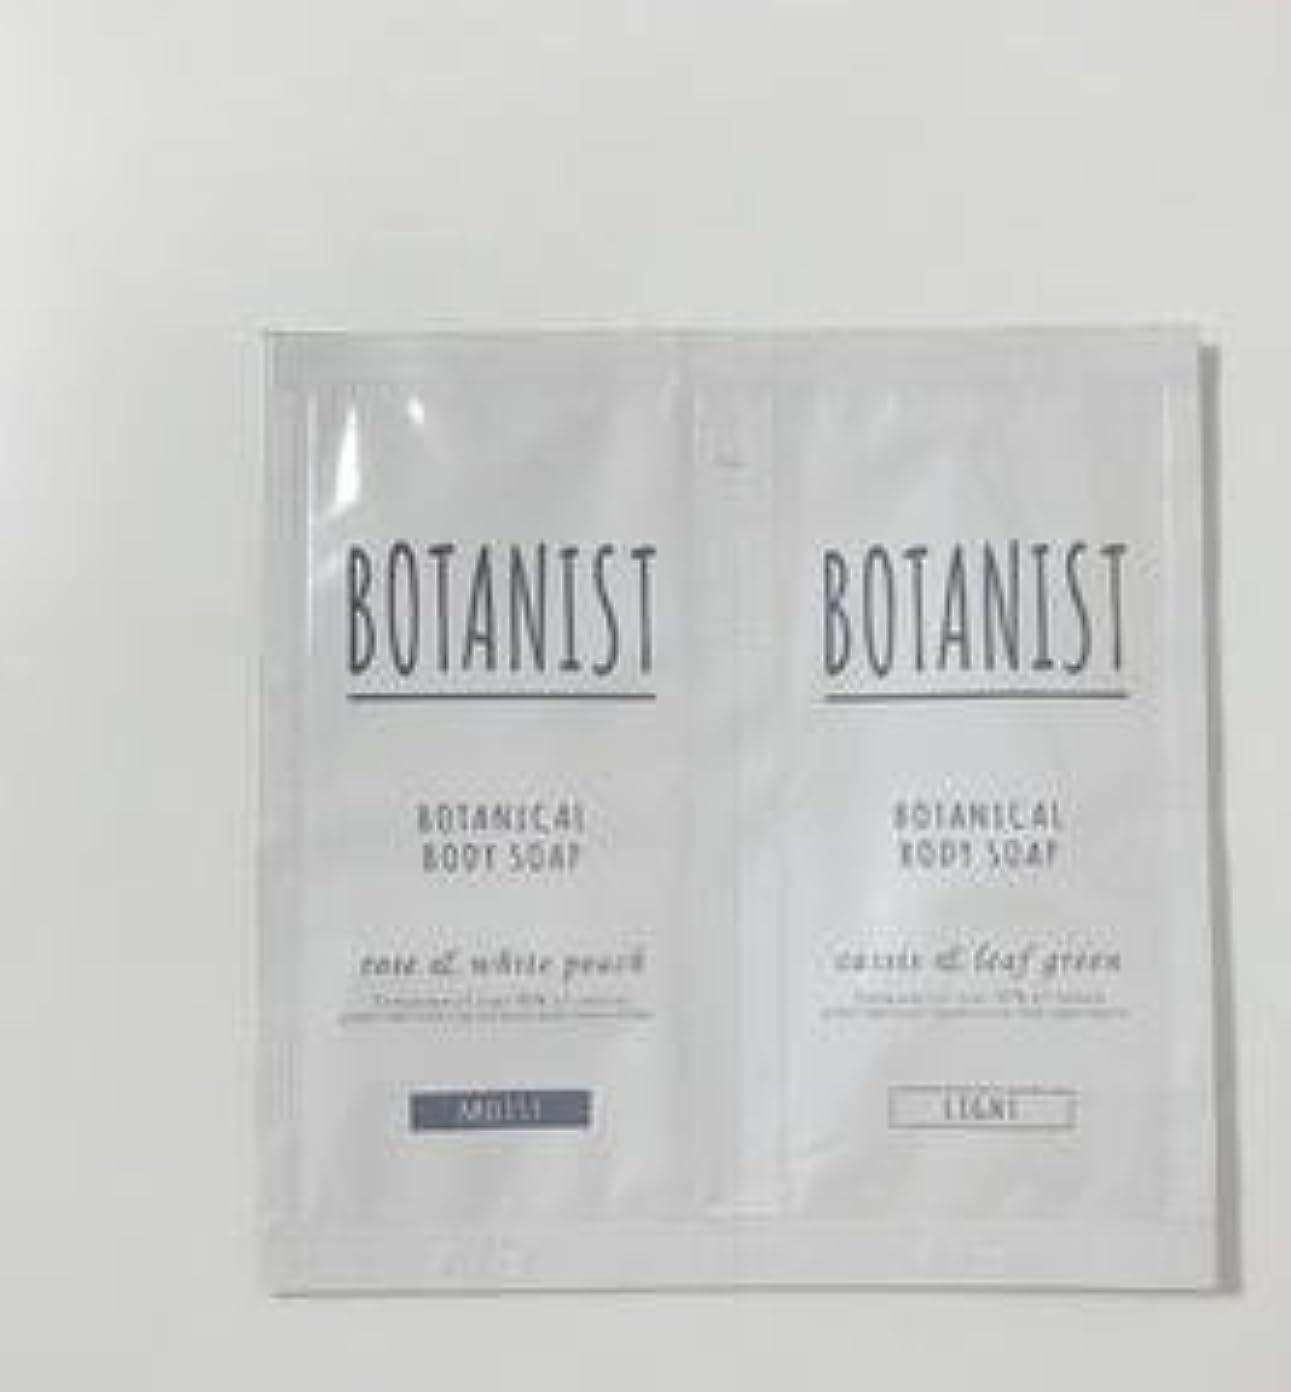 安西買う見込みBOTANIST ボタニカル ボディーソープ ライト&モイスト トライアルセット 8ml×2 (ライト&モイスト, 1個)